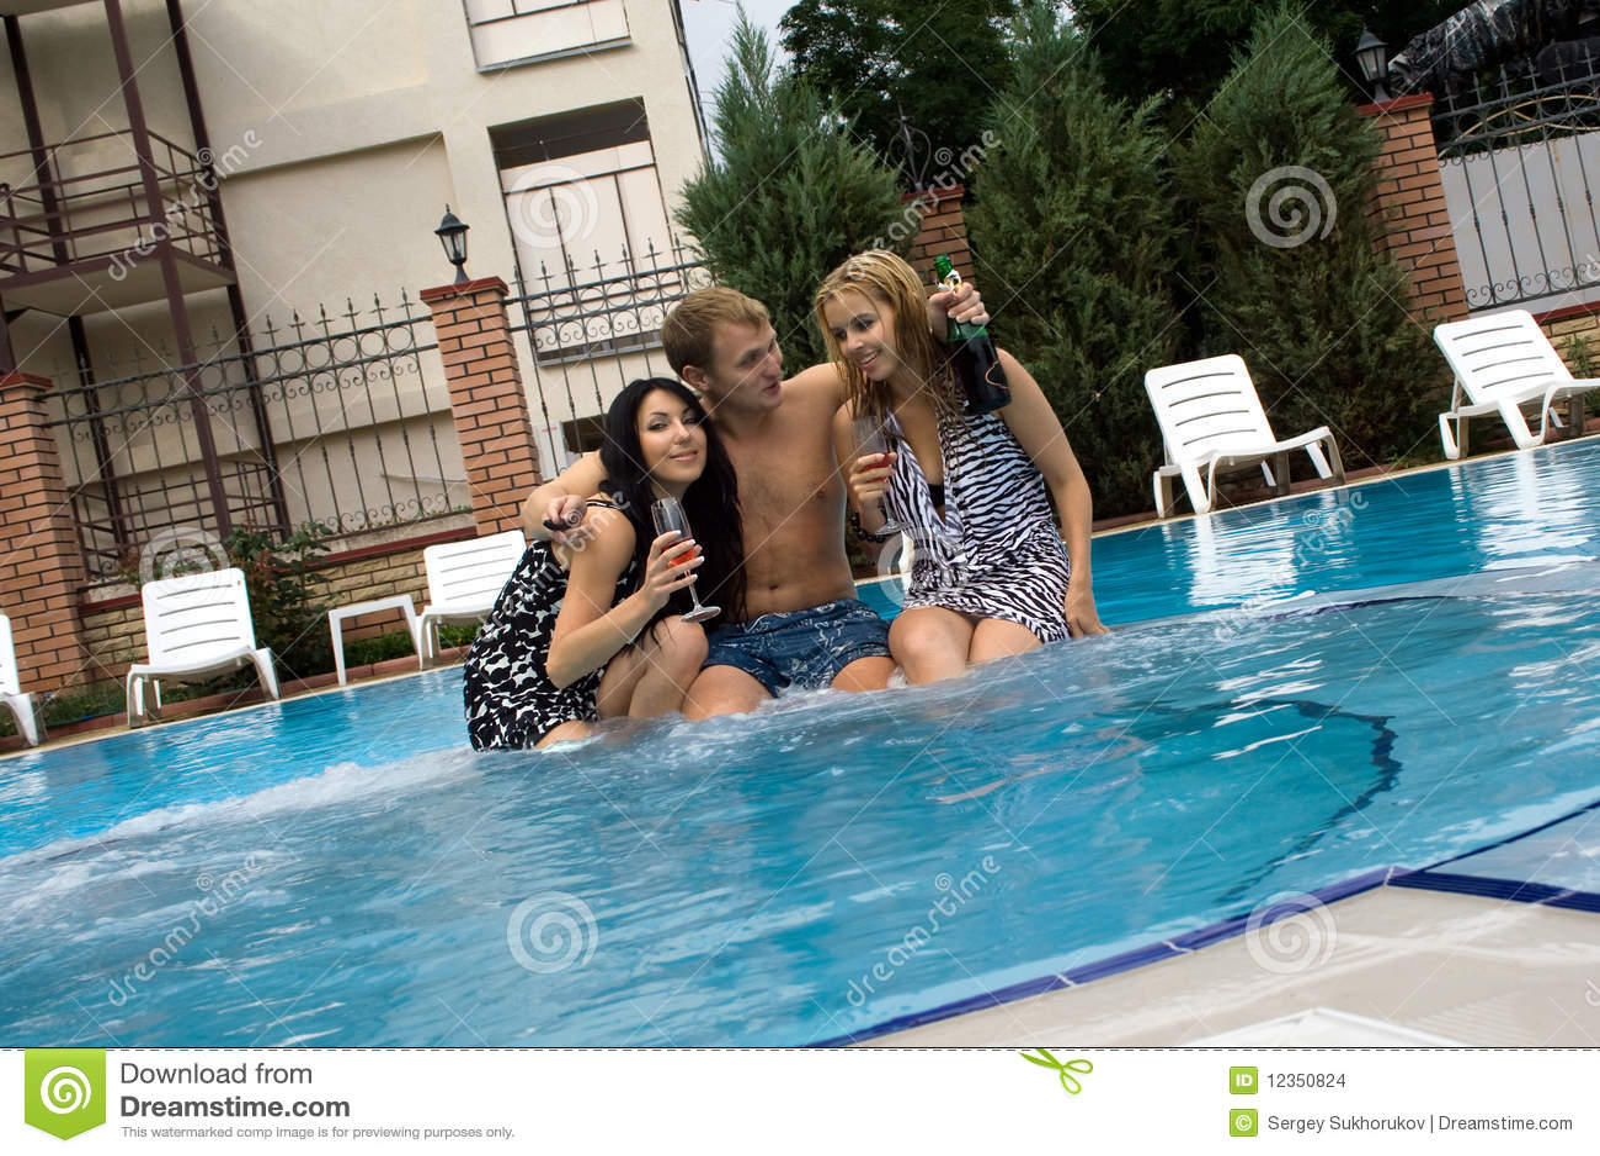 Фото девок в бассейне 4 фотография